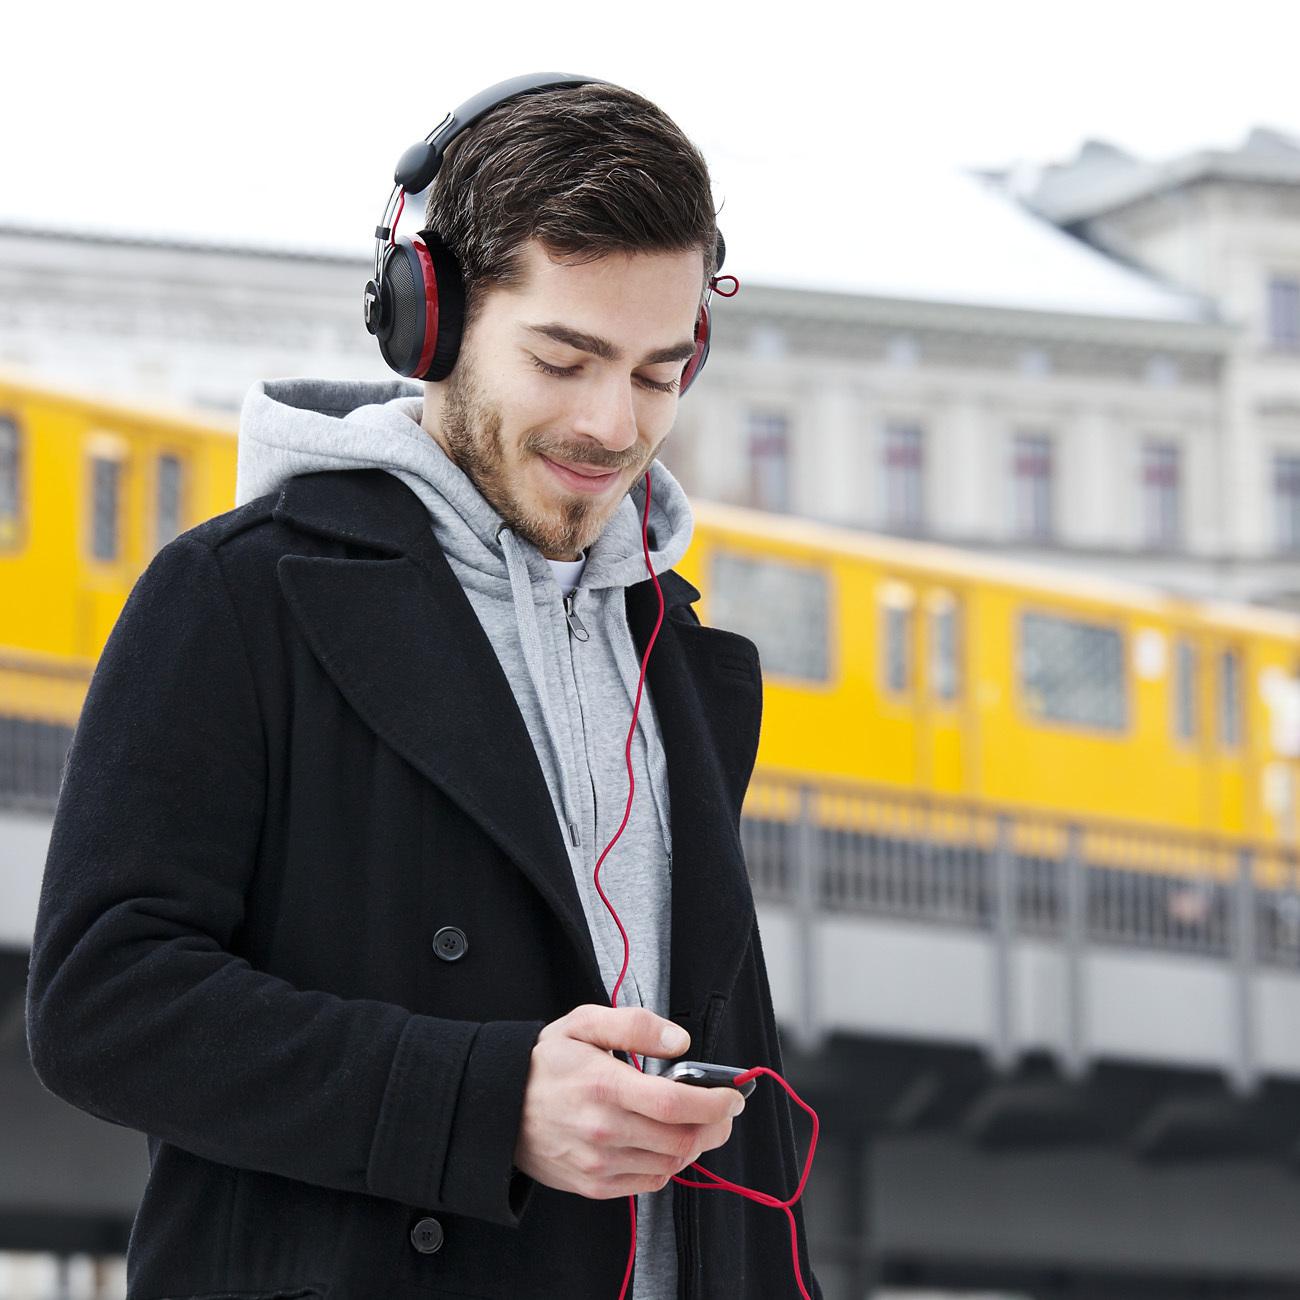 Teufel Aureol Real 耳机低阶性价比之王